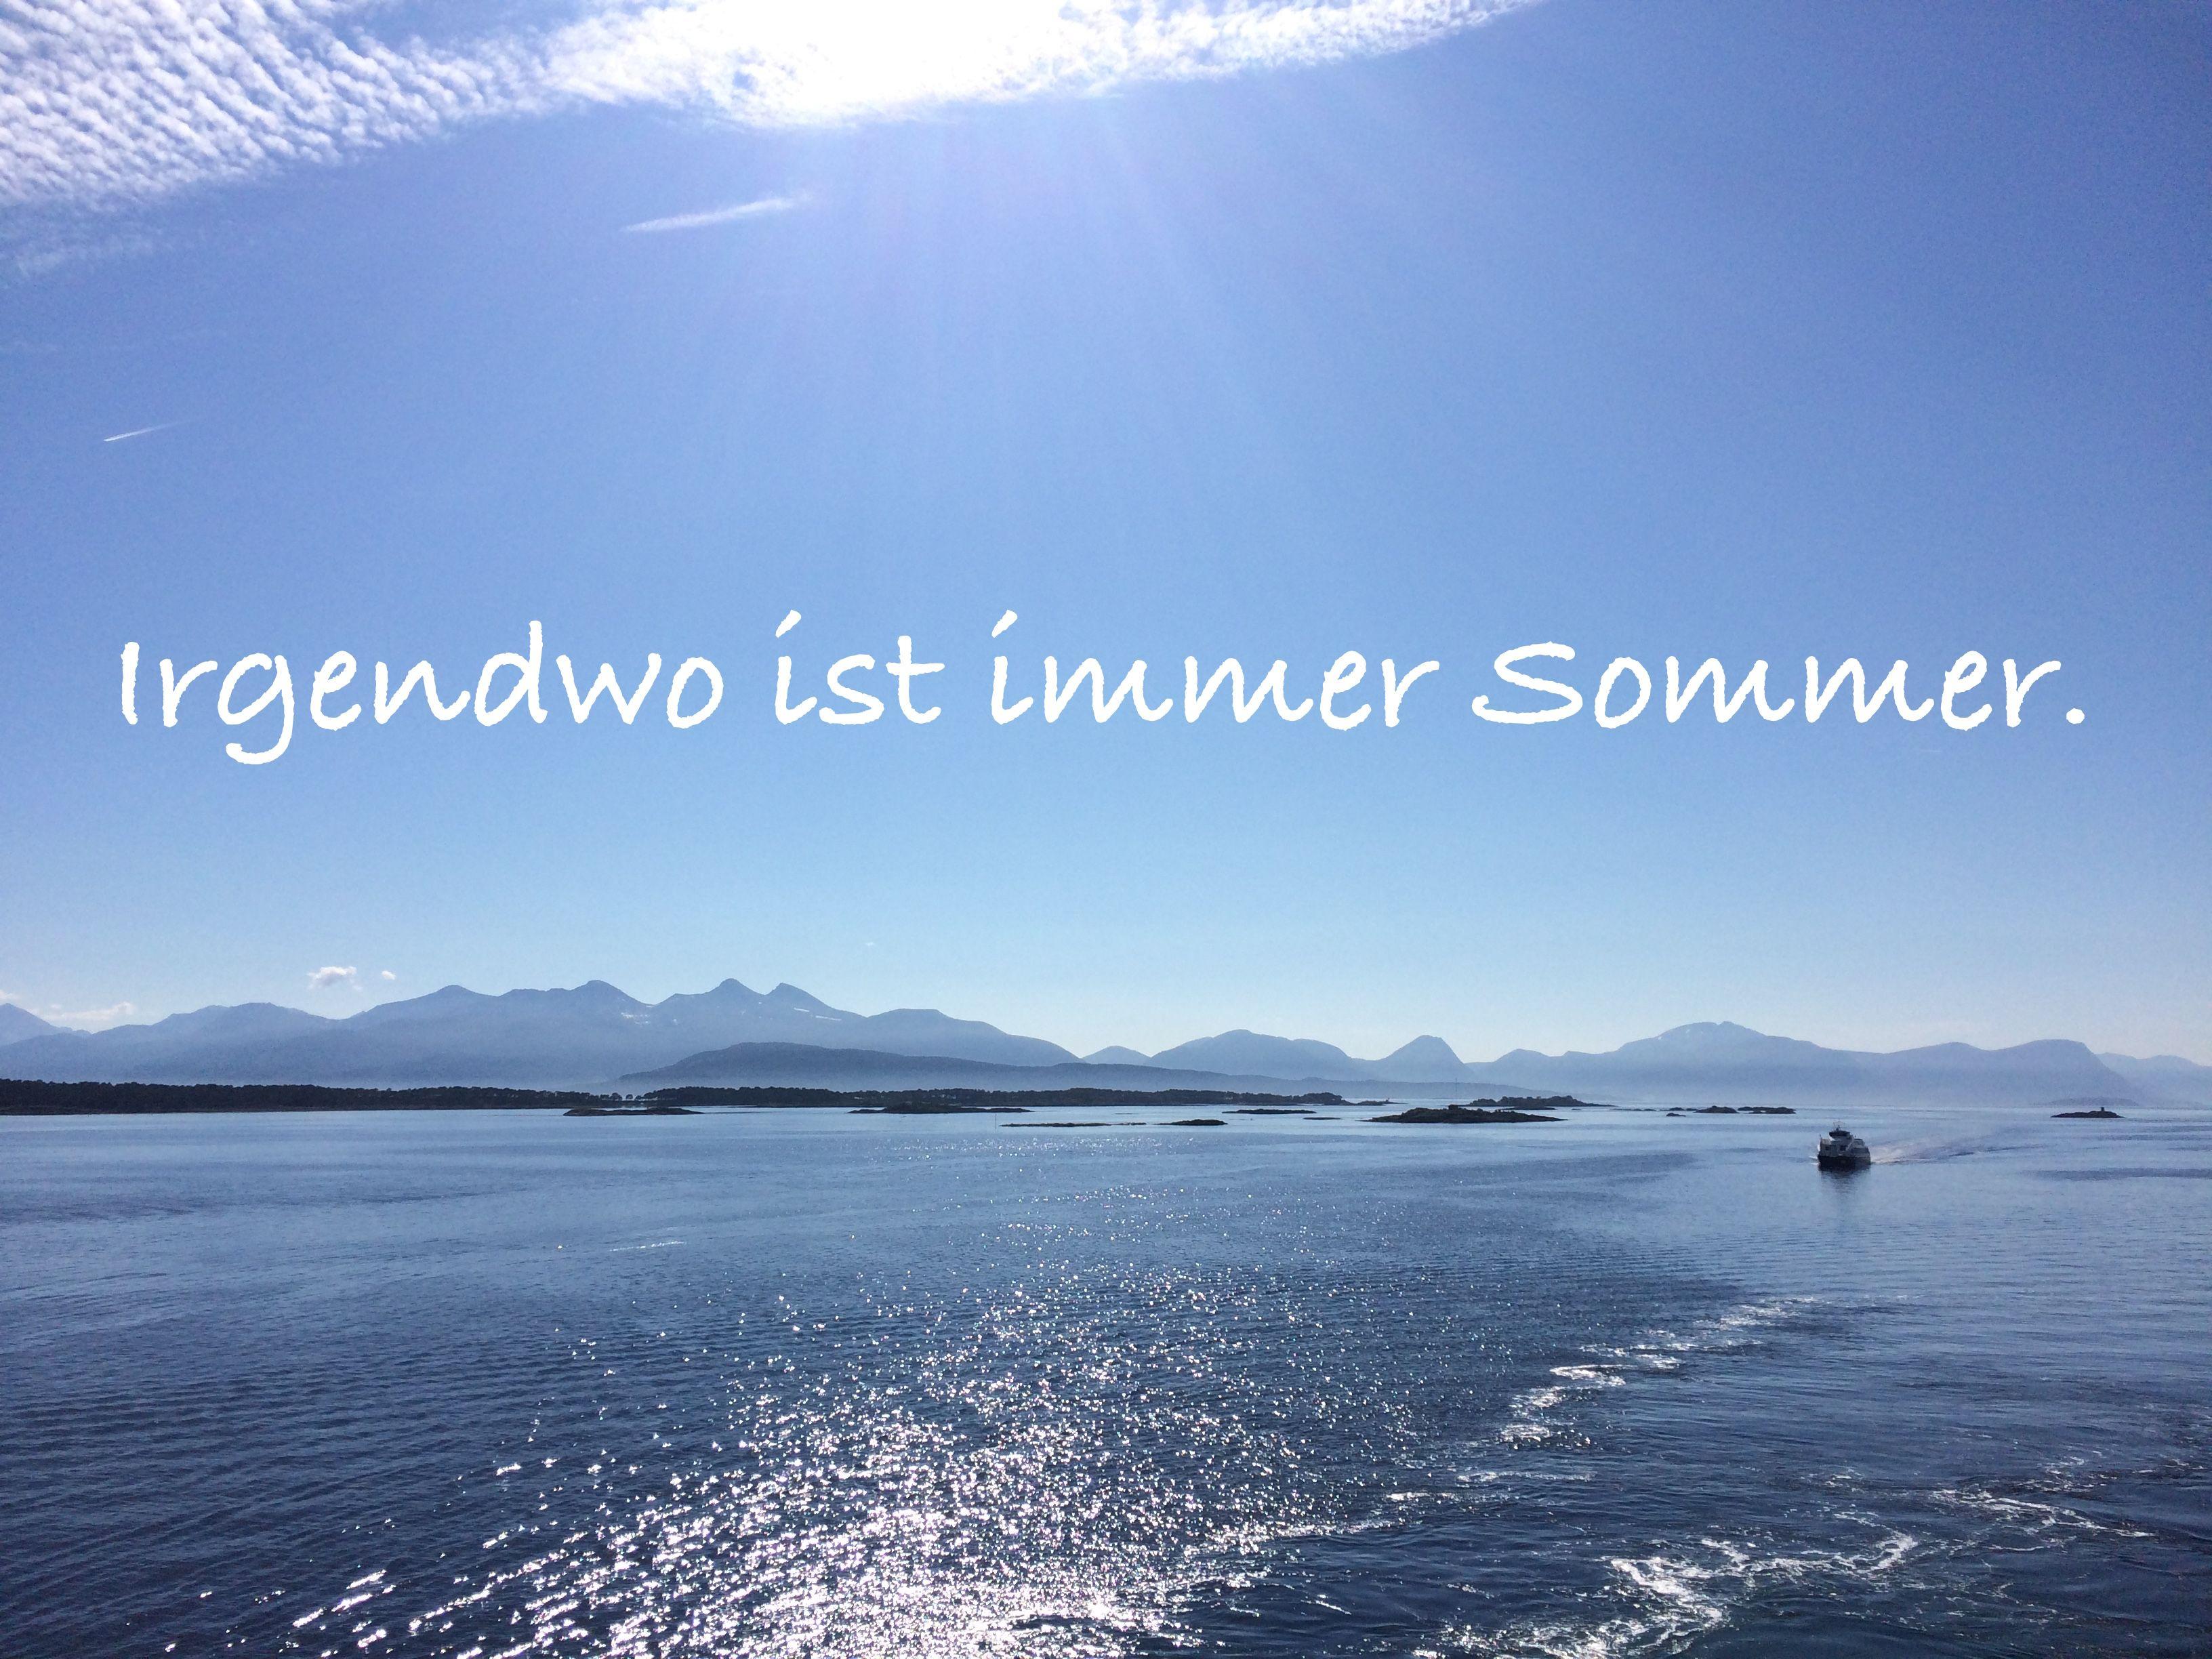 Schön #Sommer #Urlaub #Travel #Reisen #Meer #Zitate #Sprüche #Travelsprüche